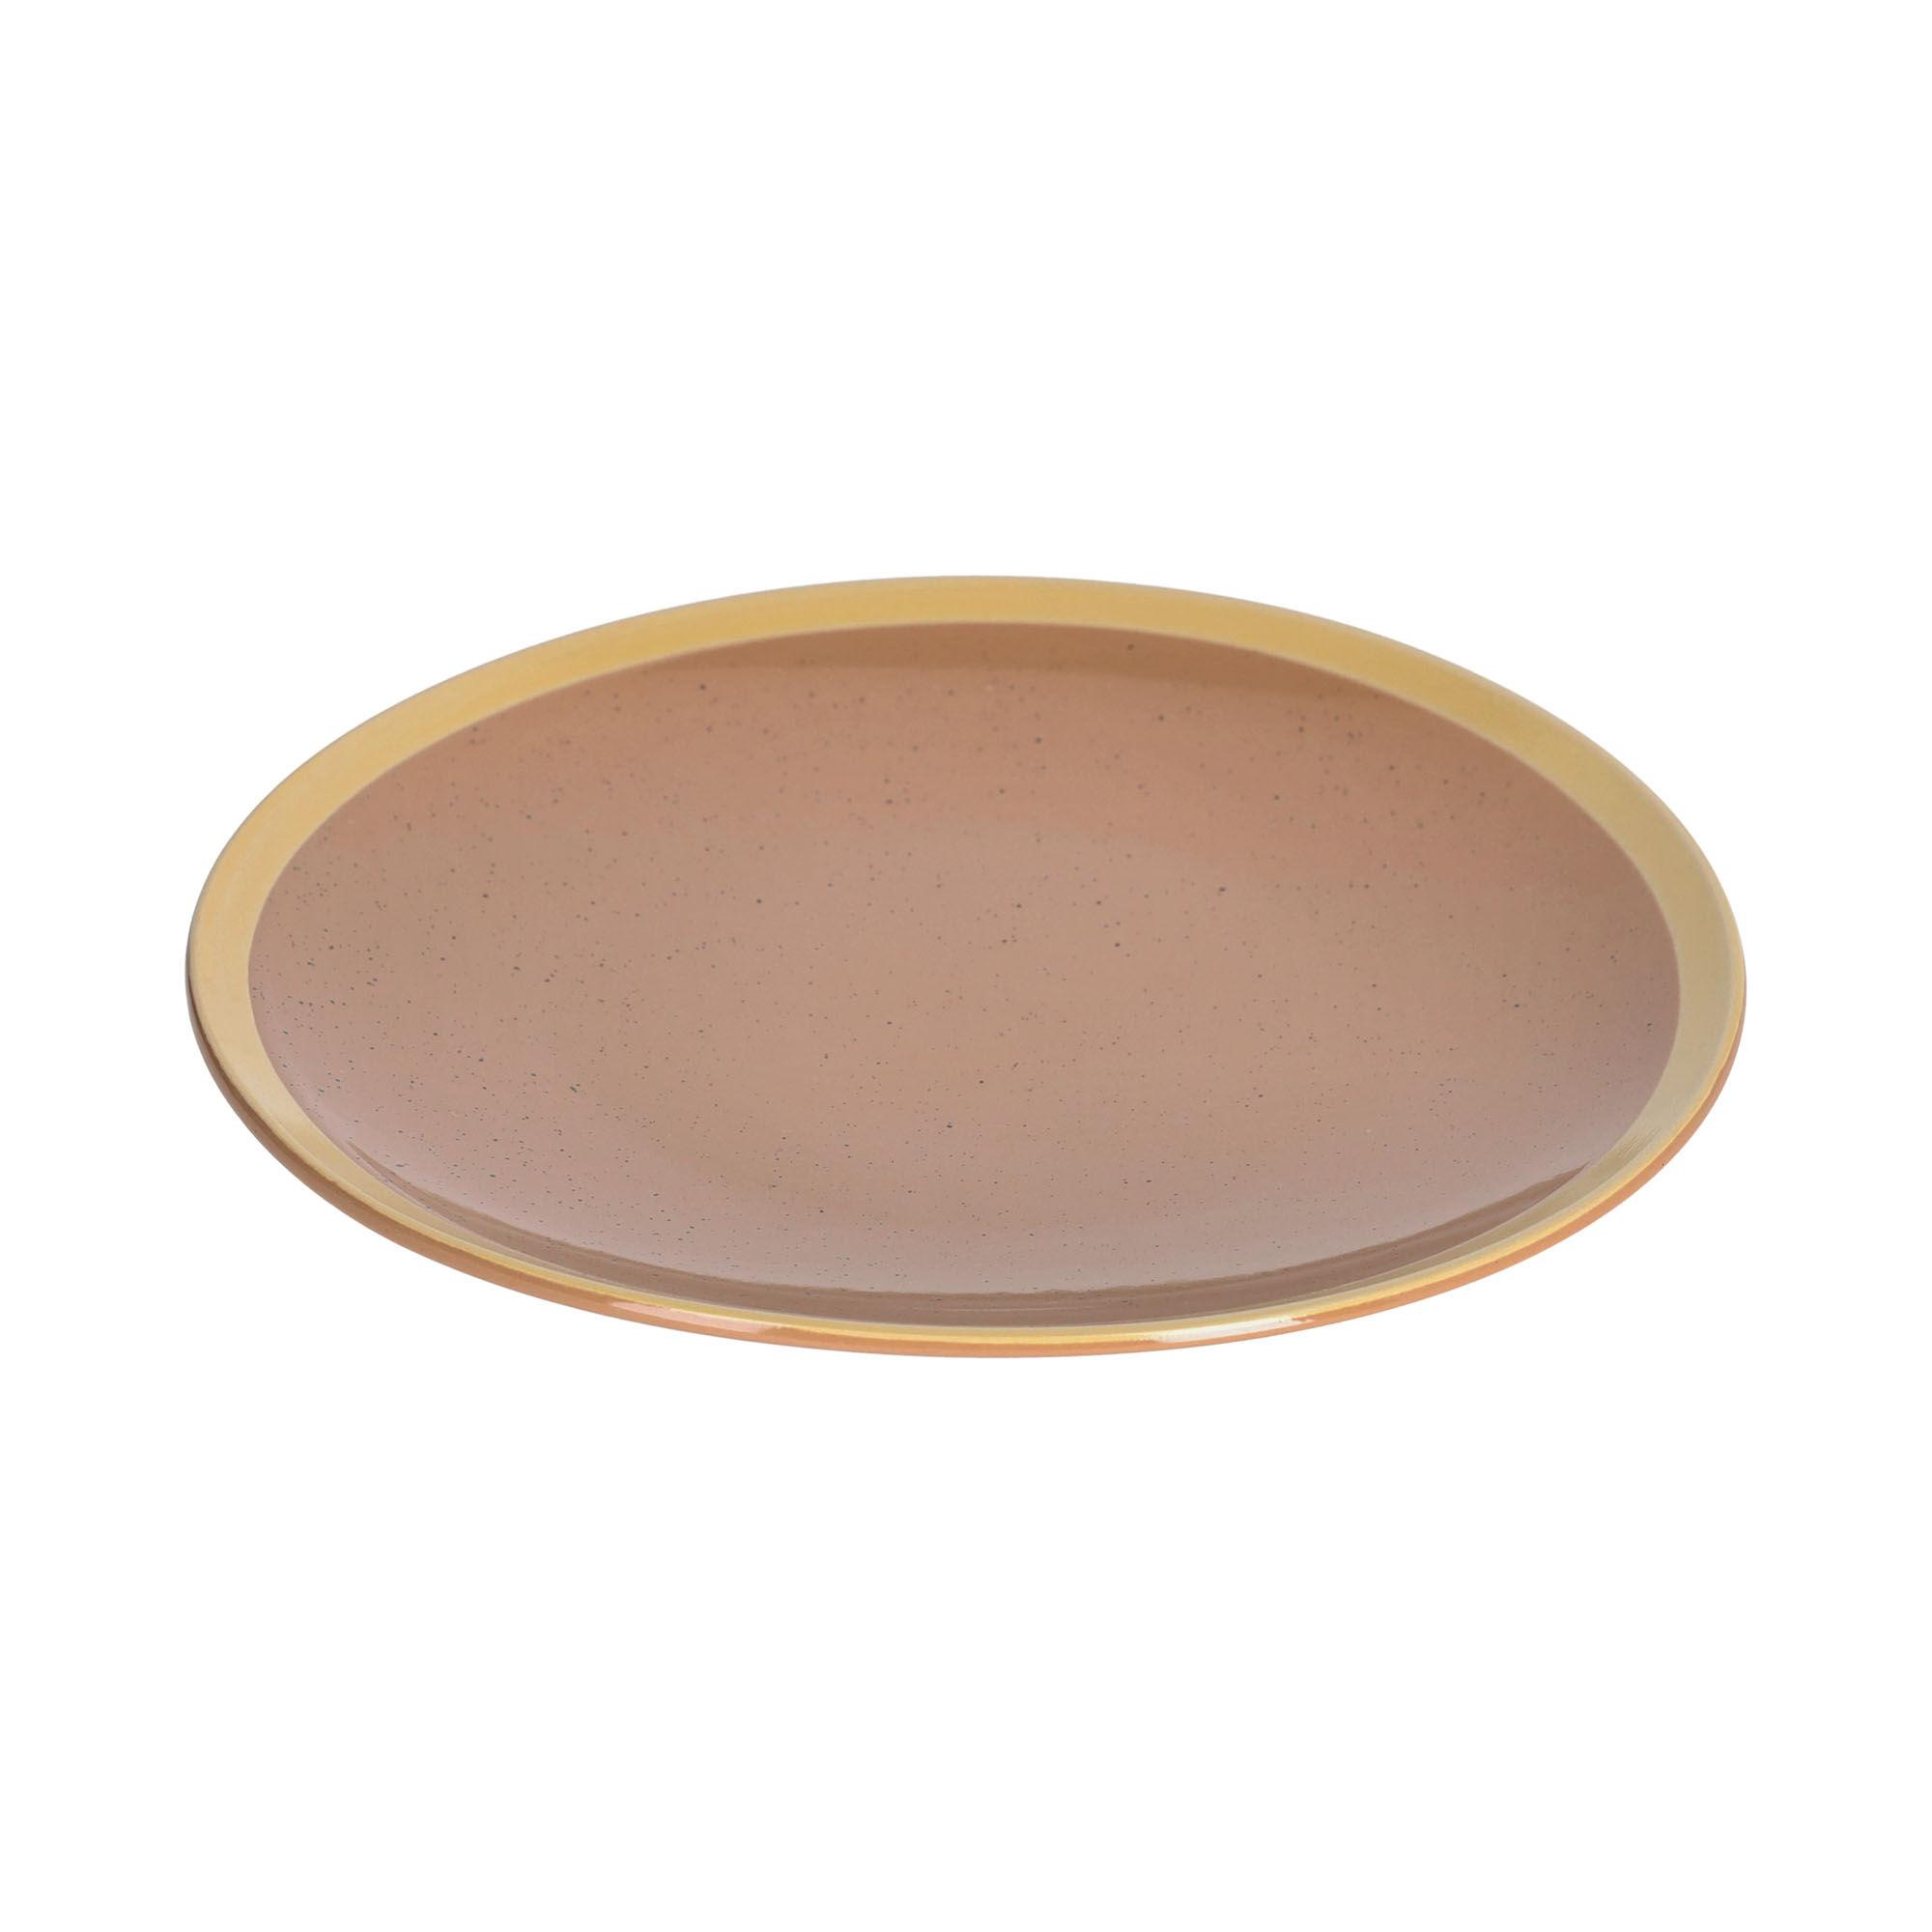 kave home piatto piano tilia in ceramica marrone chiaro